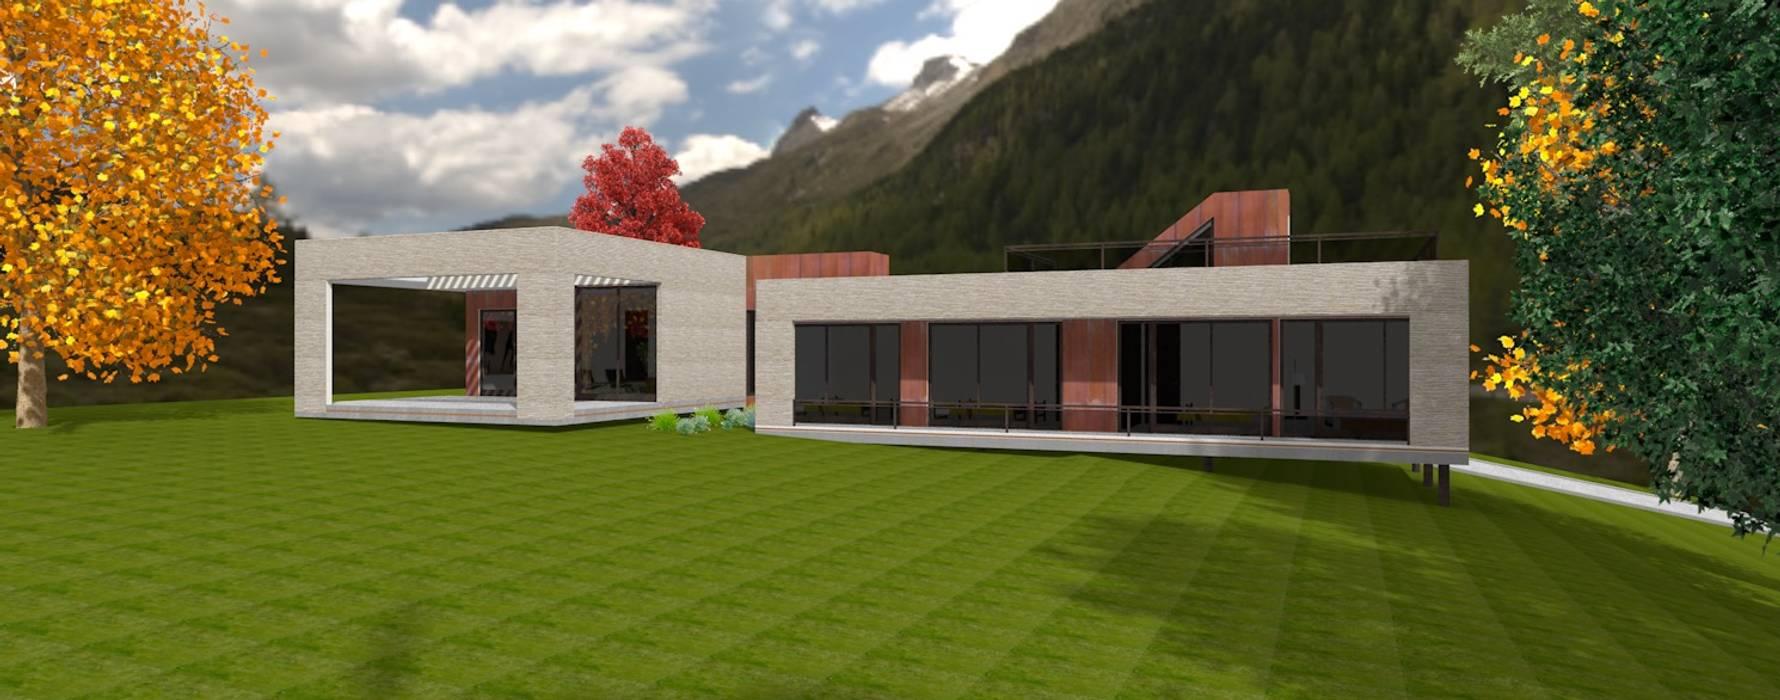 Vista desde el Jardín Casas de estilo escandinavo de ARQvision BIM Sustainable Architecture Escandinavo